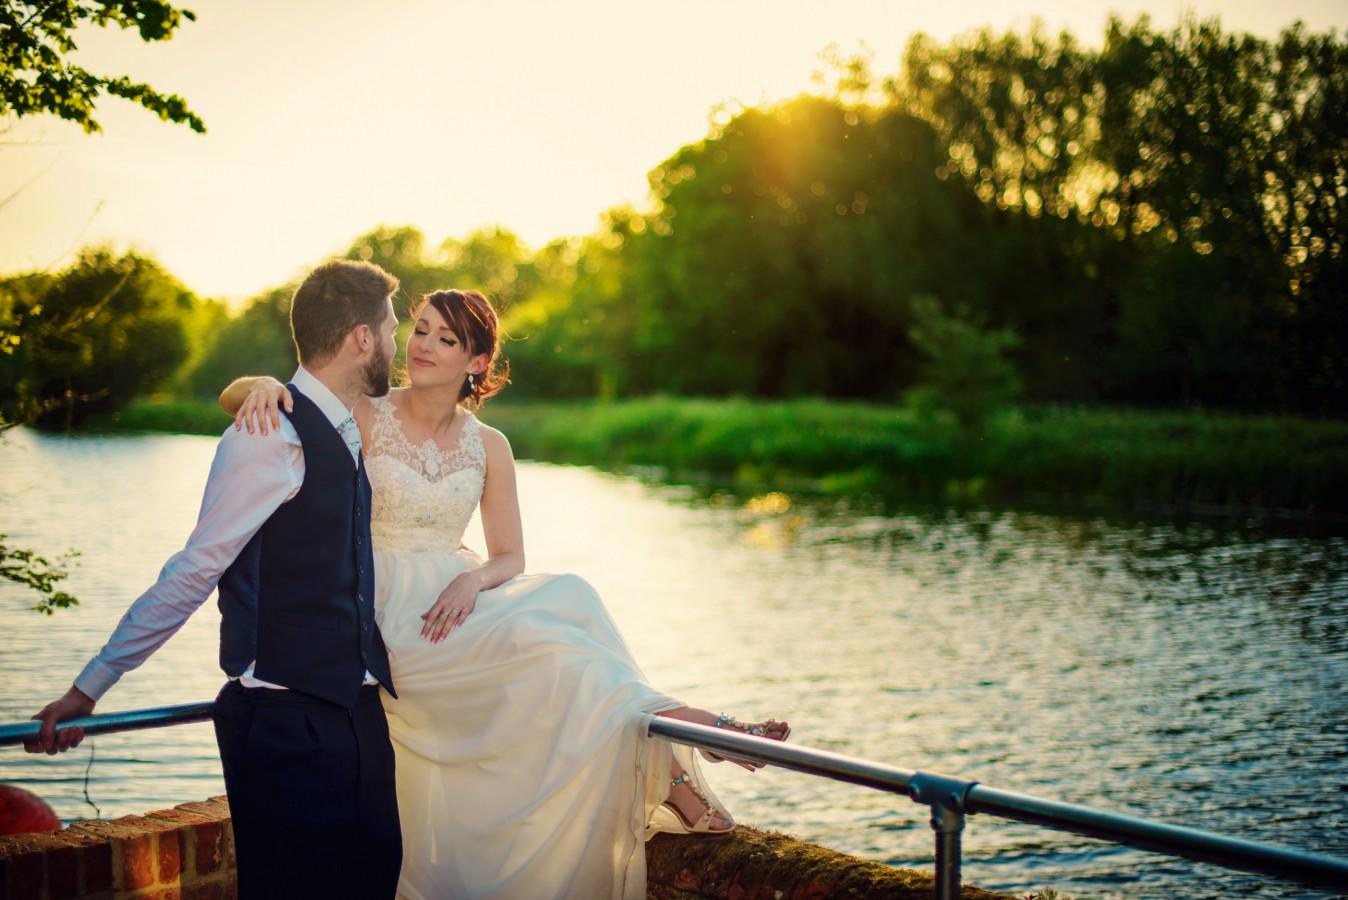 Hampshire Wedding Photographer - GK Photography-61